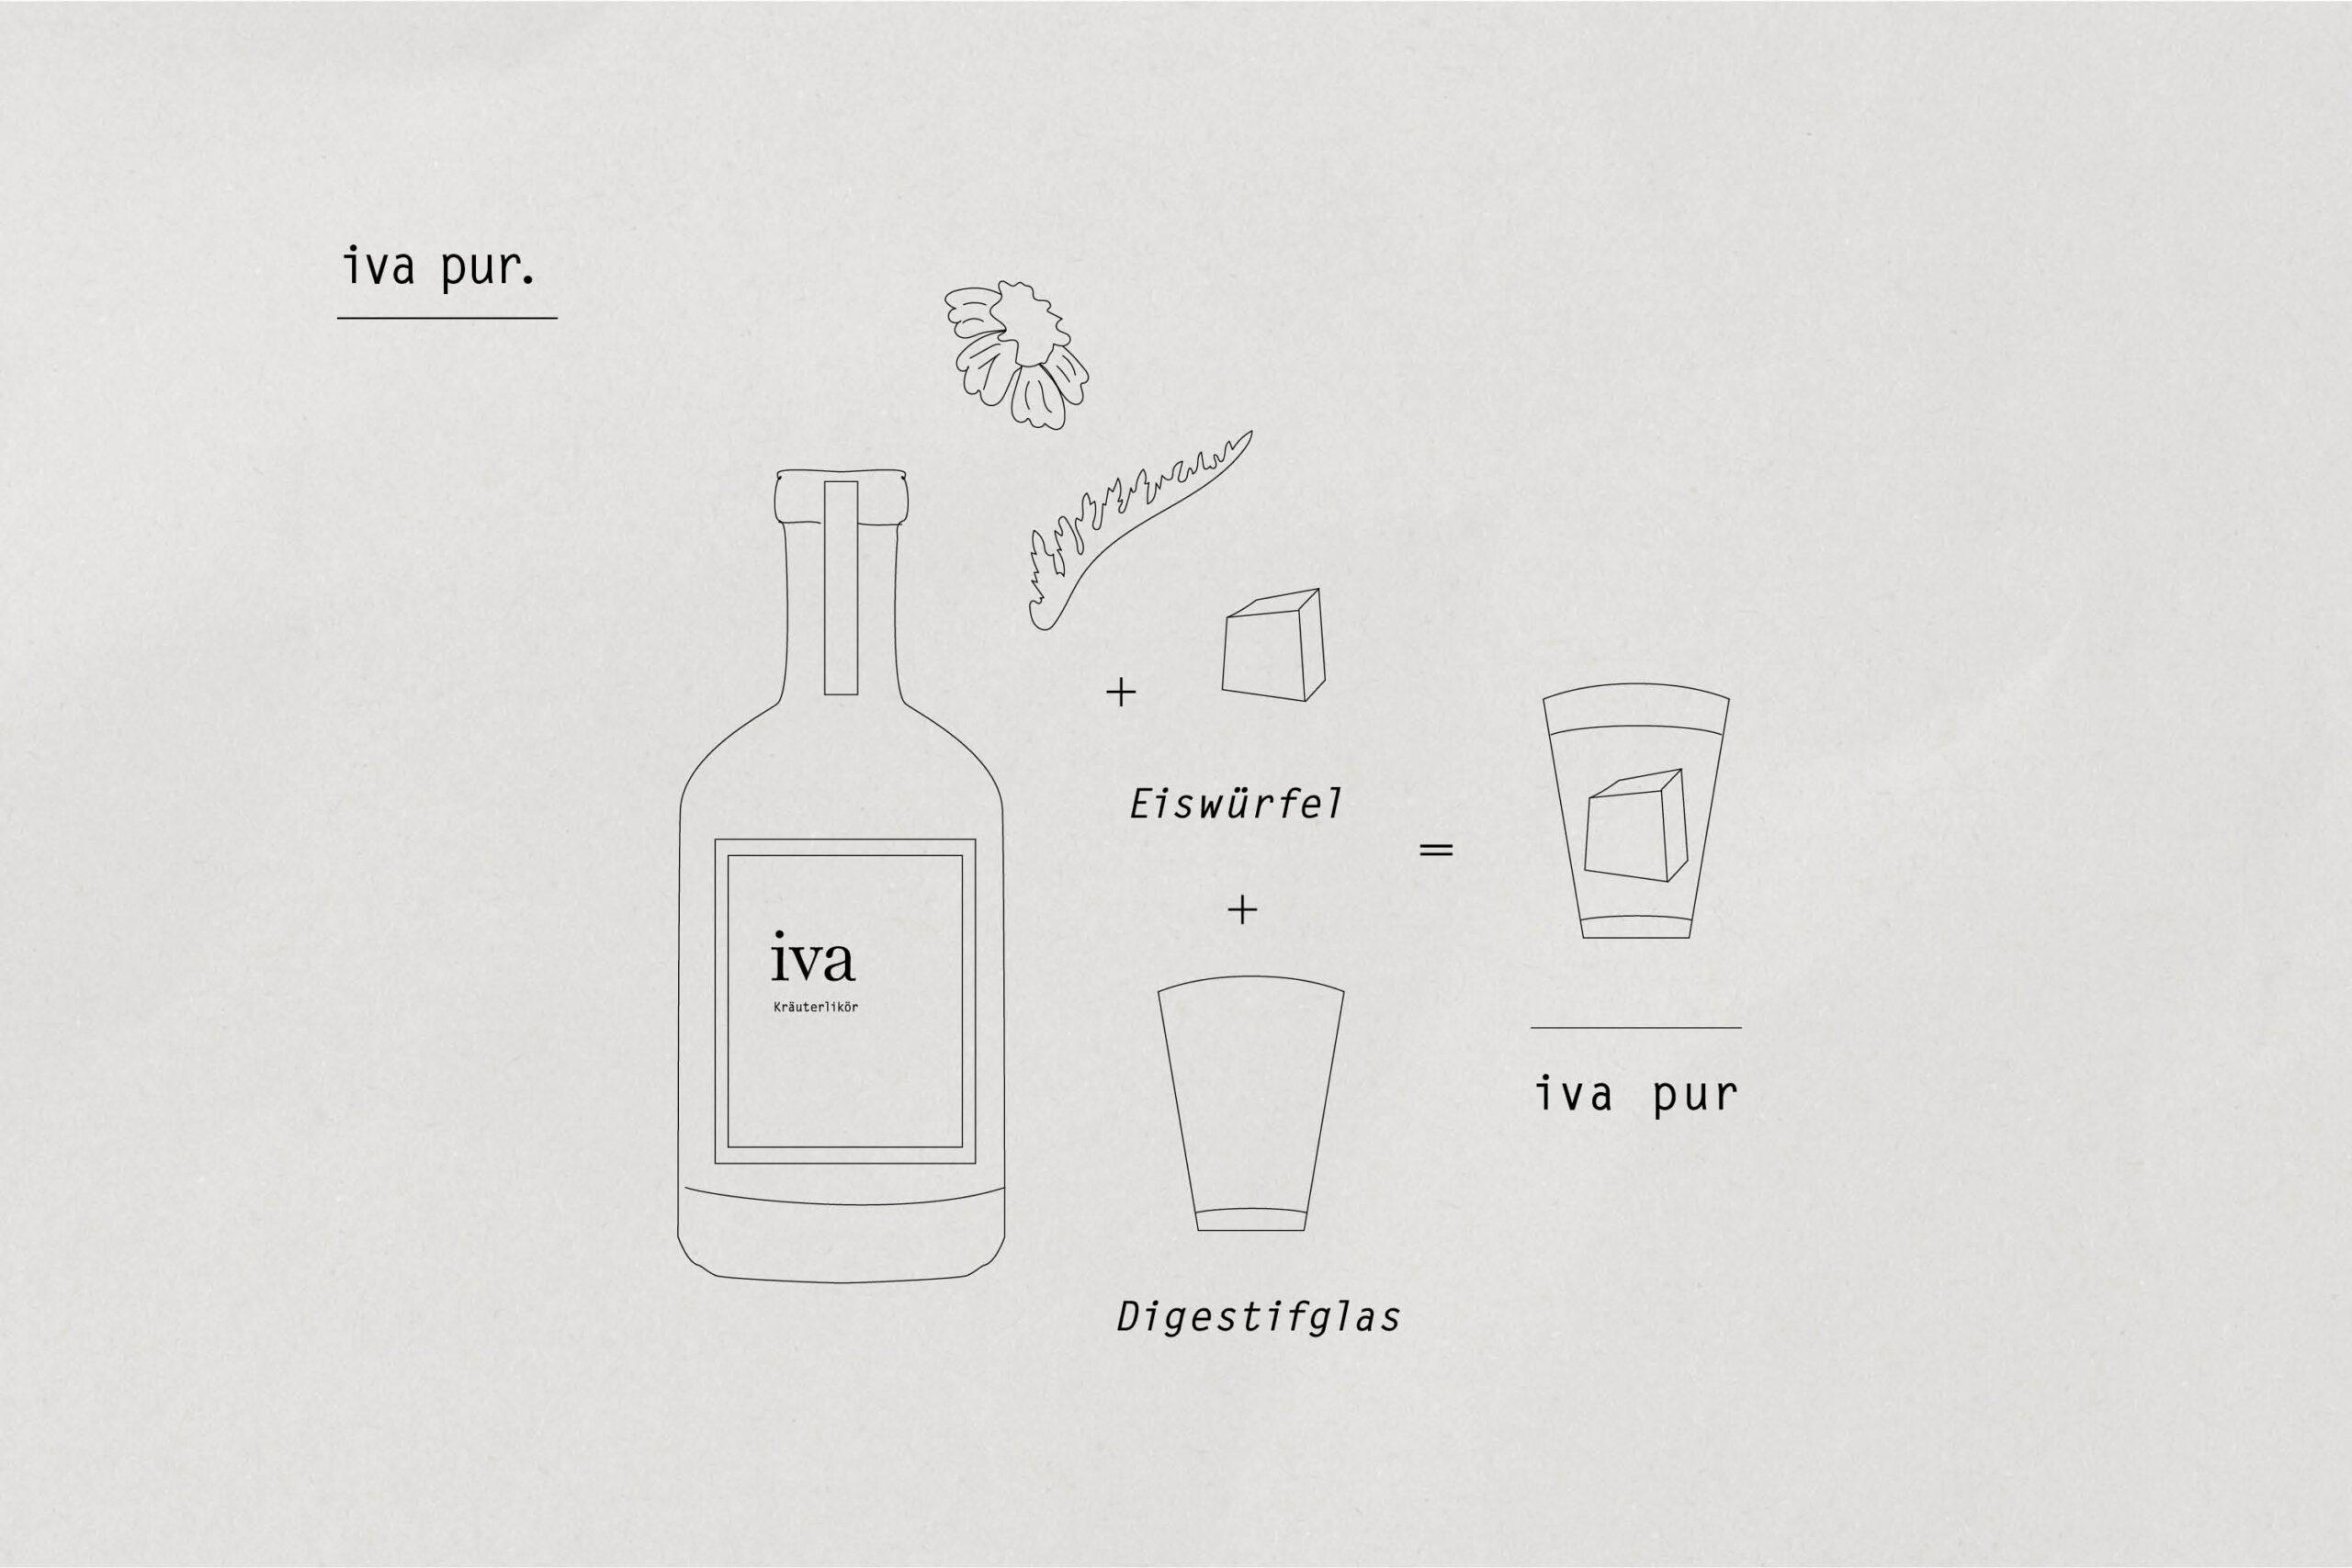 «iva pur»